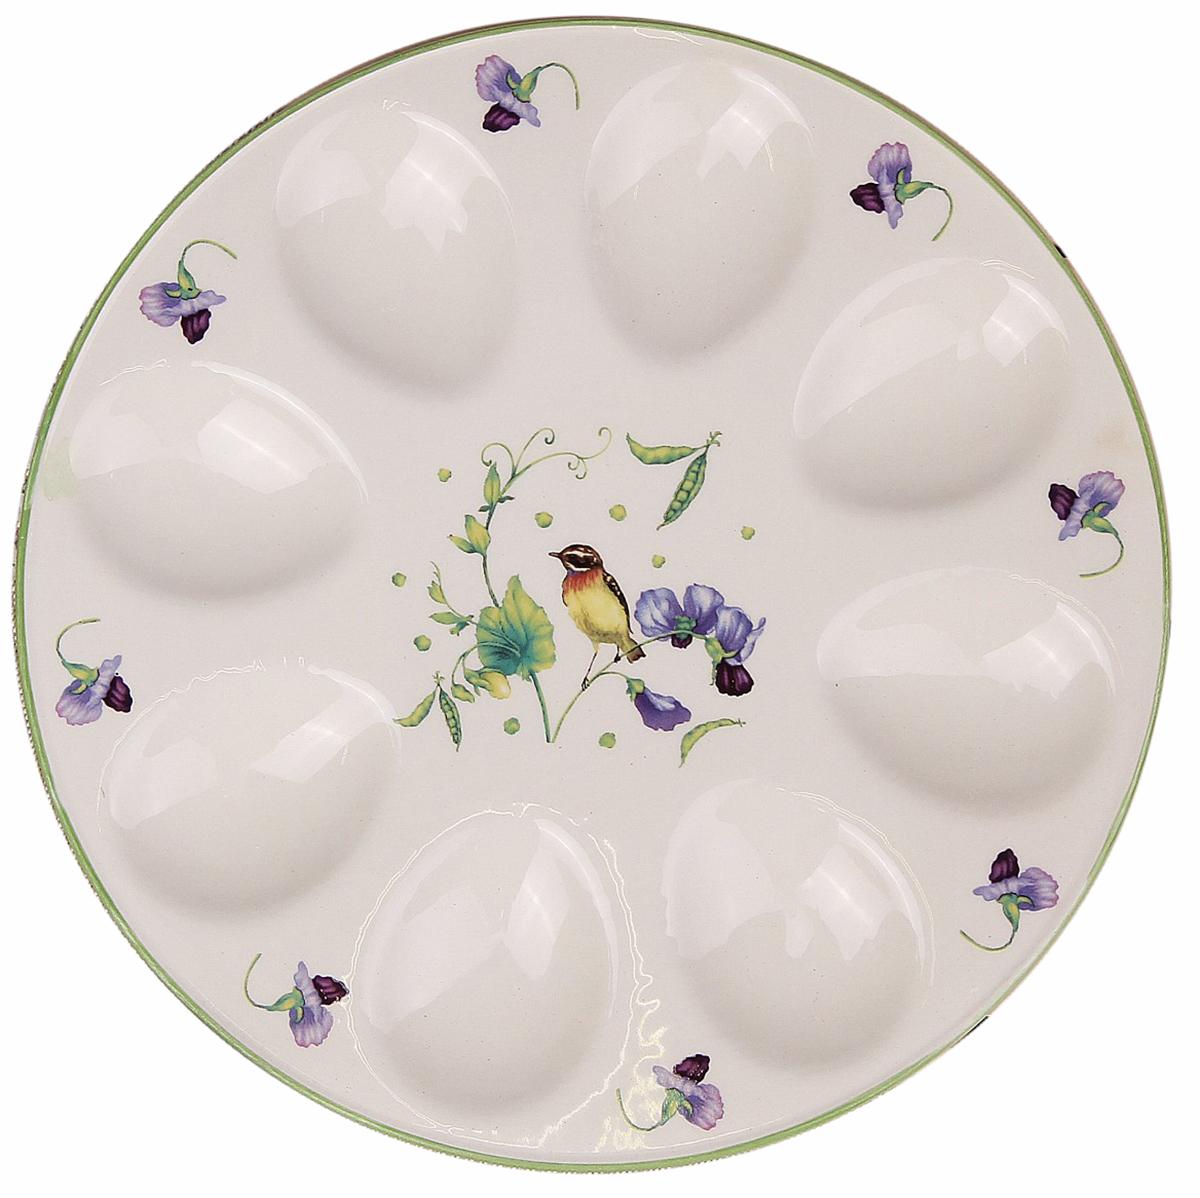 Подставка для яйца Доляна Зеленый сад, цвет: белый, 20 х 2 см. 2532204